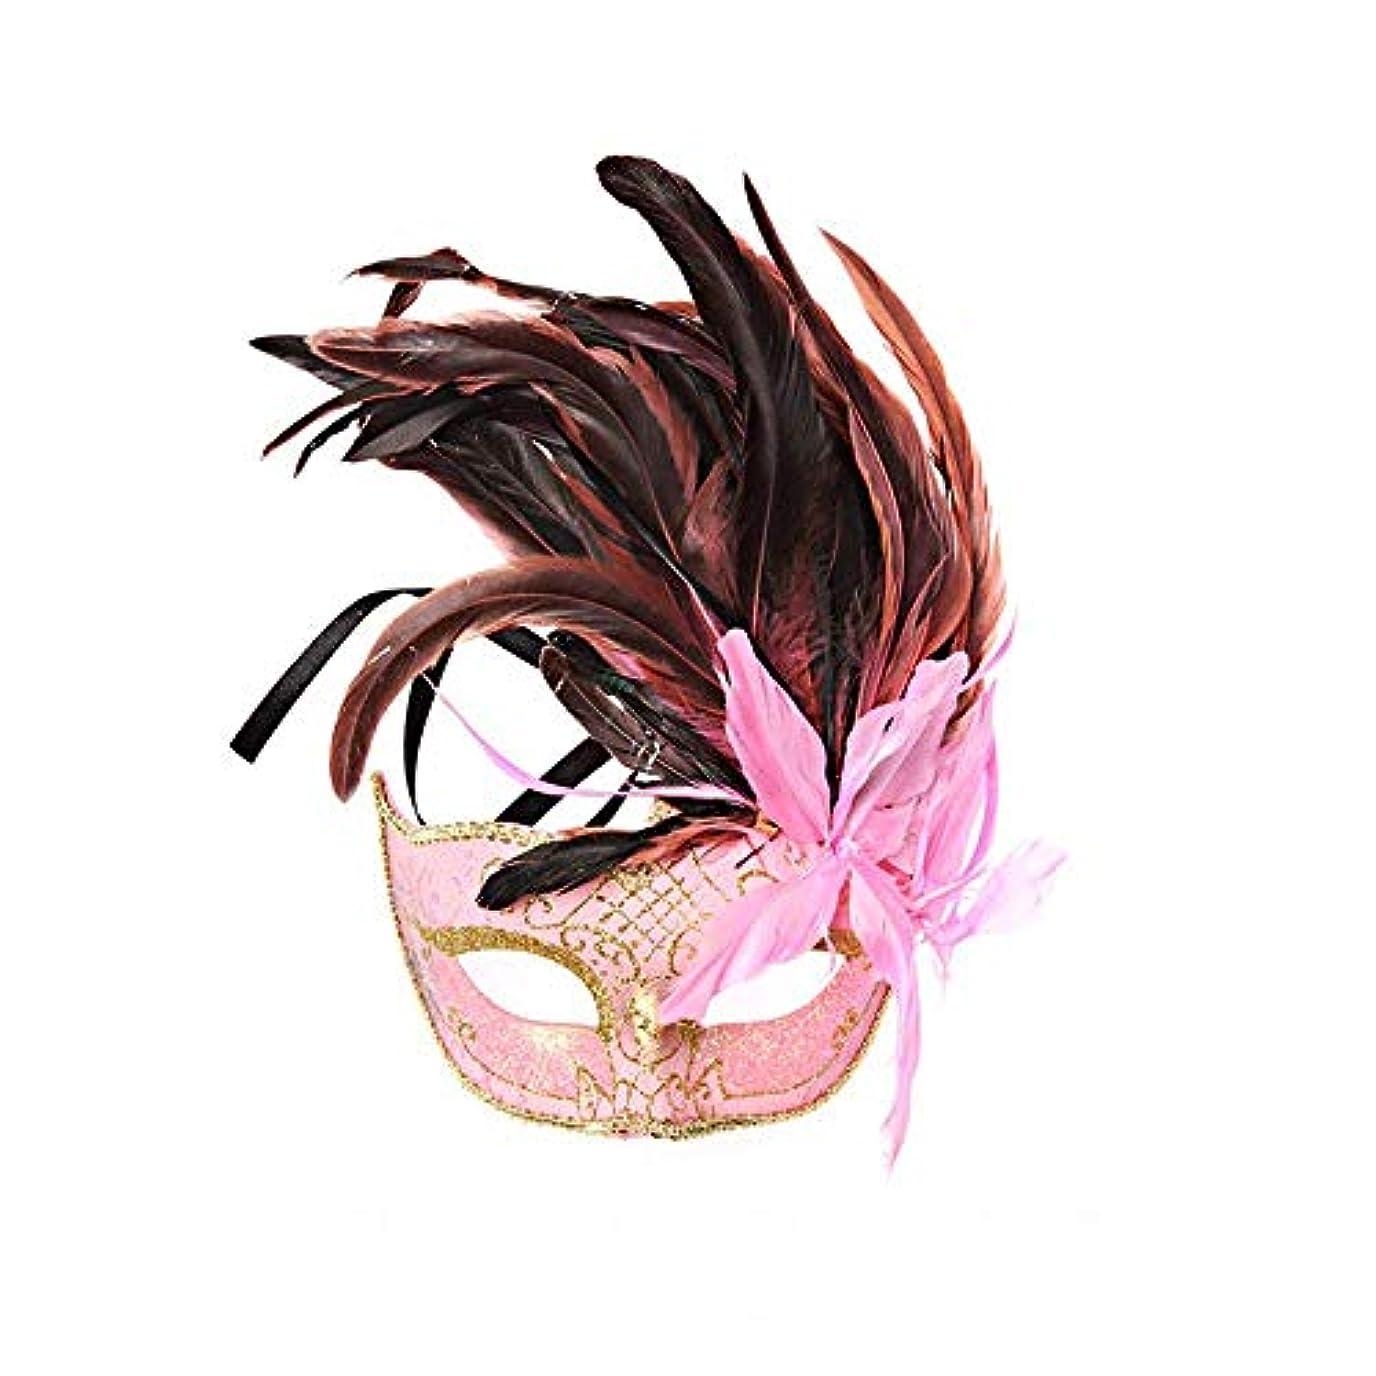 感情行う接続Nanle ハロウィンマスクハーフフェザーマスクベニスプリンセスマスク美容レース仮面ライダーコスプレ (色 : Style A pink)